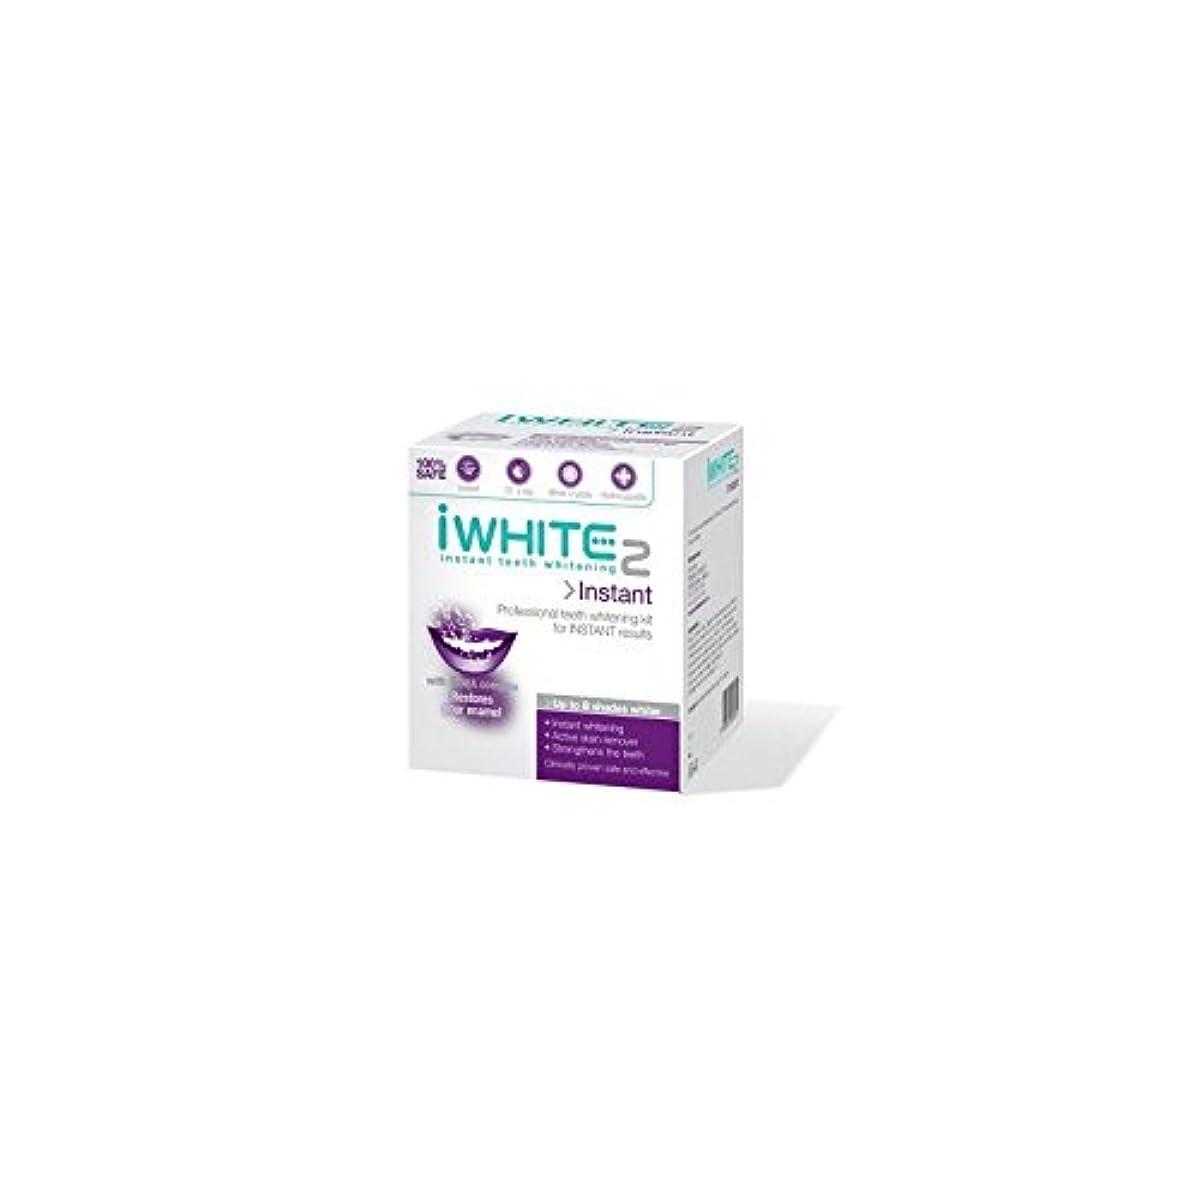 無効にする兄弟愛命令iWhite Instant 2 Professional Teeth Whitening Kit (10 Trays) (Pack of 6) - インスタントキットを白く2本のプロ歯(10トレイ) x6 [並行輸入品]